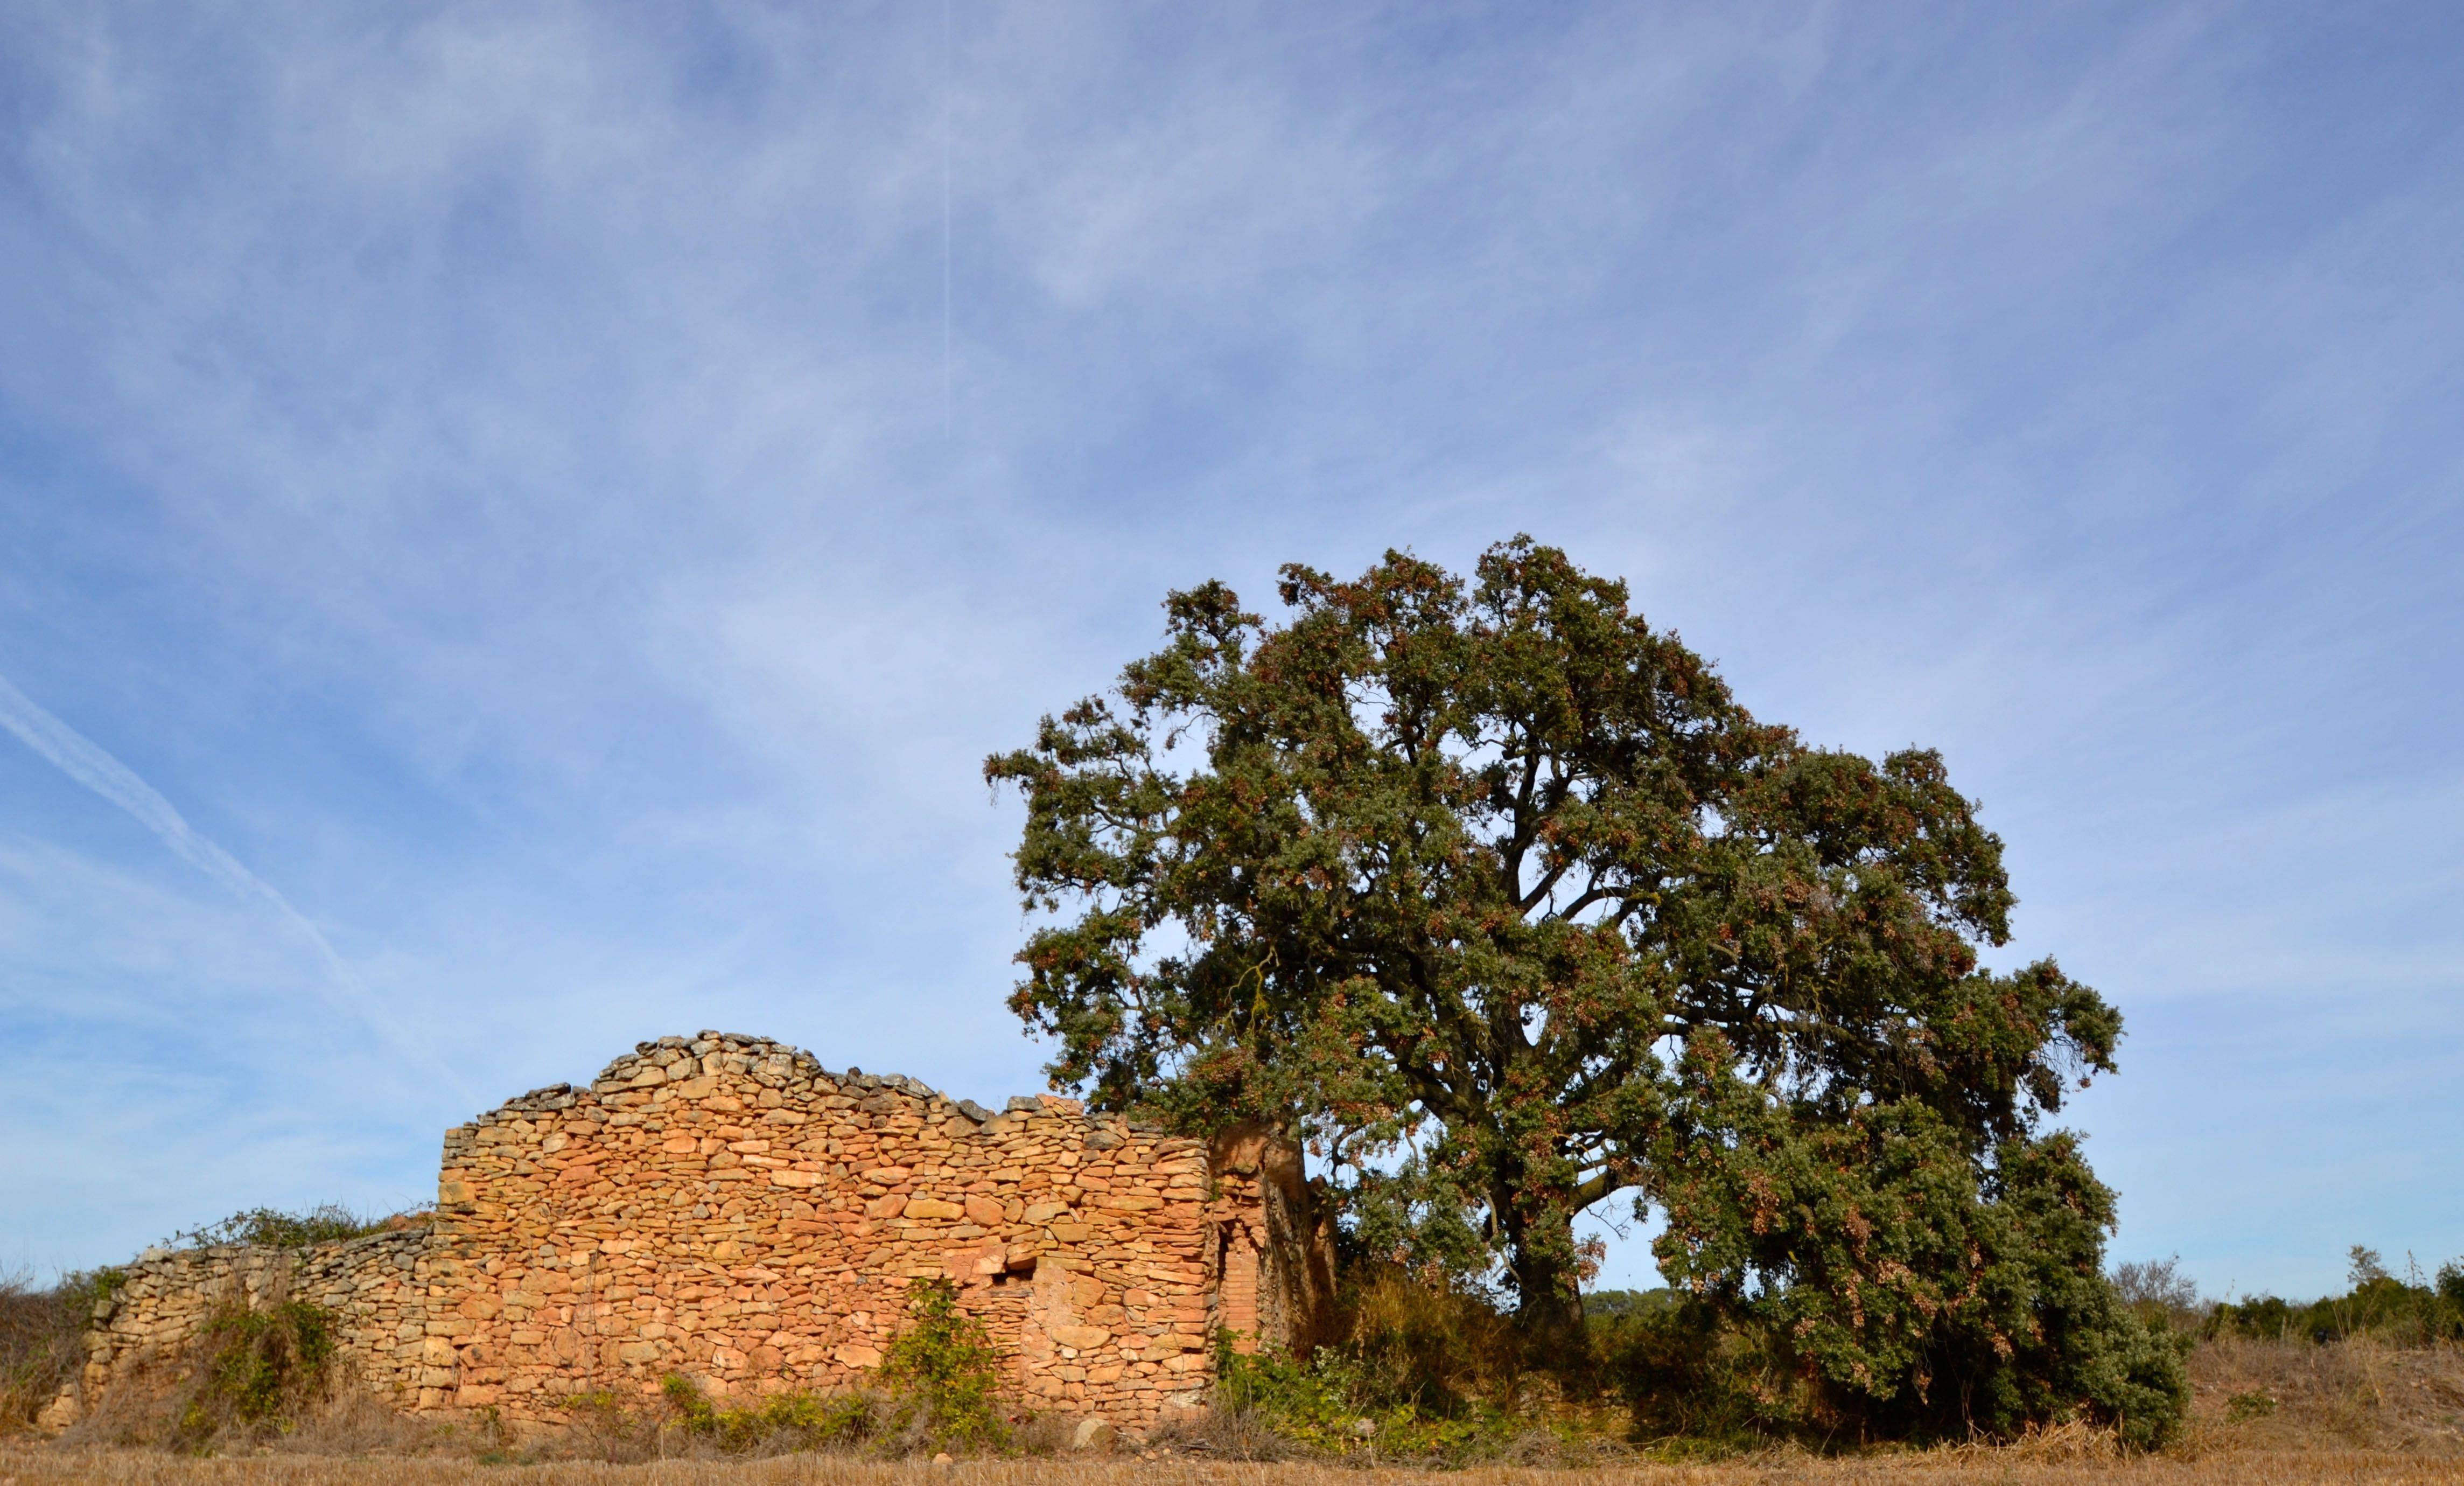 L'alzina de pla de Conill, Quercus ilex, l'Espluga de Francolí